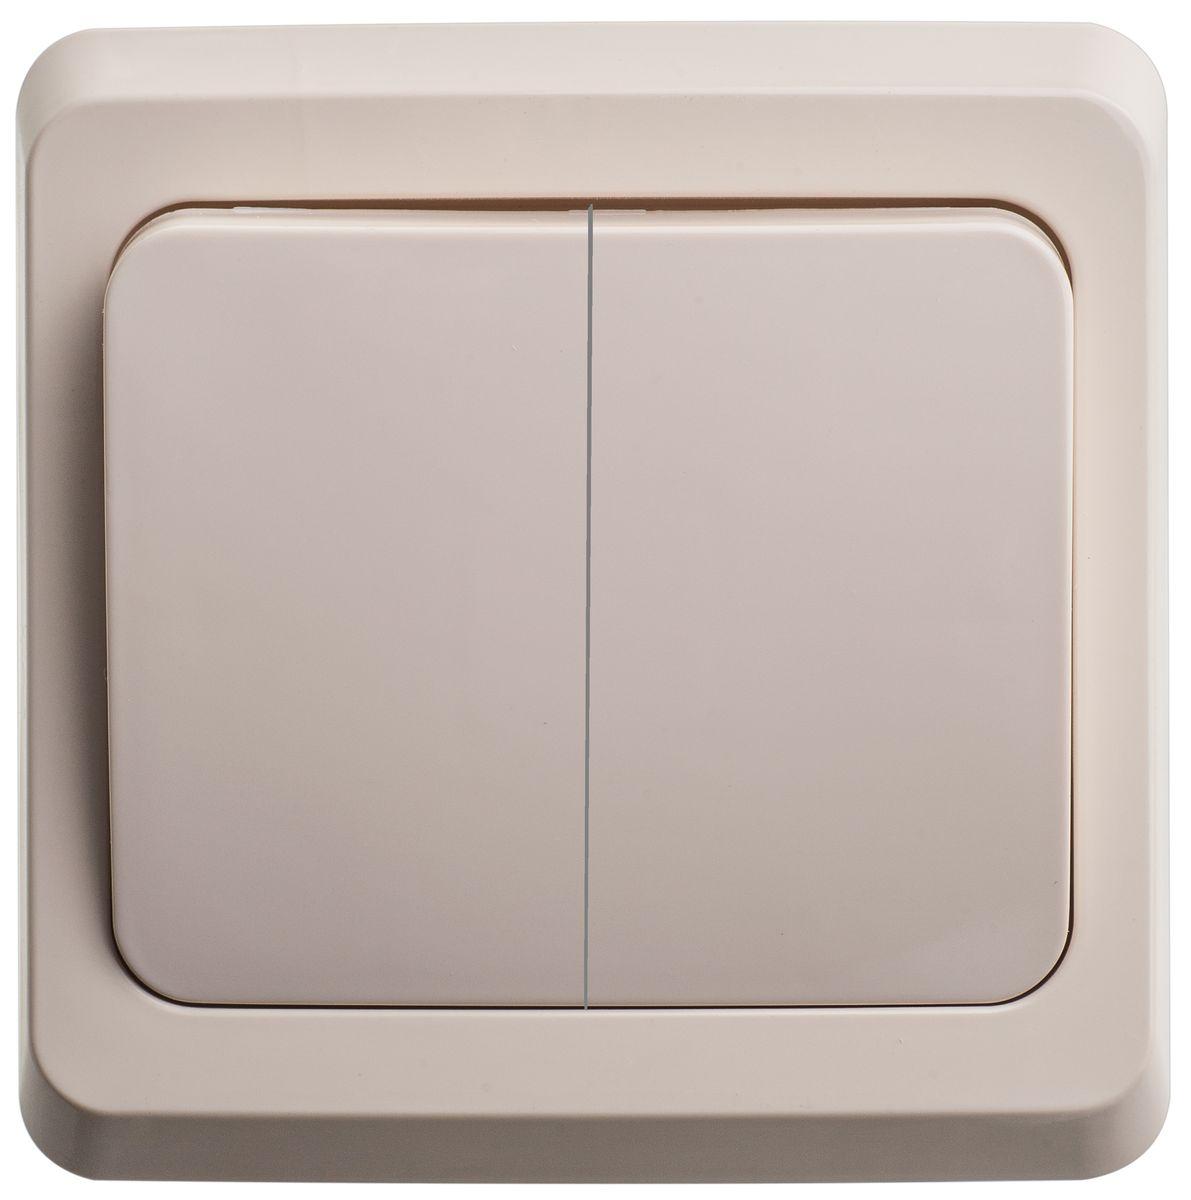 Выключатель Schneider Electric Этюд, двойной, цвет: белый. BC10-002BC10-002KДвухклавишный выключатель Schneider Electric Этюд предназначен для скрытой установки. Выполнен из высококачественного пластика. Изделие просто в установке, надежно в эксплуатации. Специальное покрытие не позволяет пыли собираться на поверхности. Такой выключатель станет удачным решением для дома и дачи. Функция выключателя: двухканальный. Тип контактов: 2 Н.О. Диапазон мощности: Номинальный ток: 250 В. Тип клемм: винтовые зажимы 2,5 мм2. Длина зачистки проводов: 11 мм. Степень защиты: IP20.